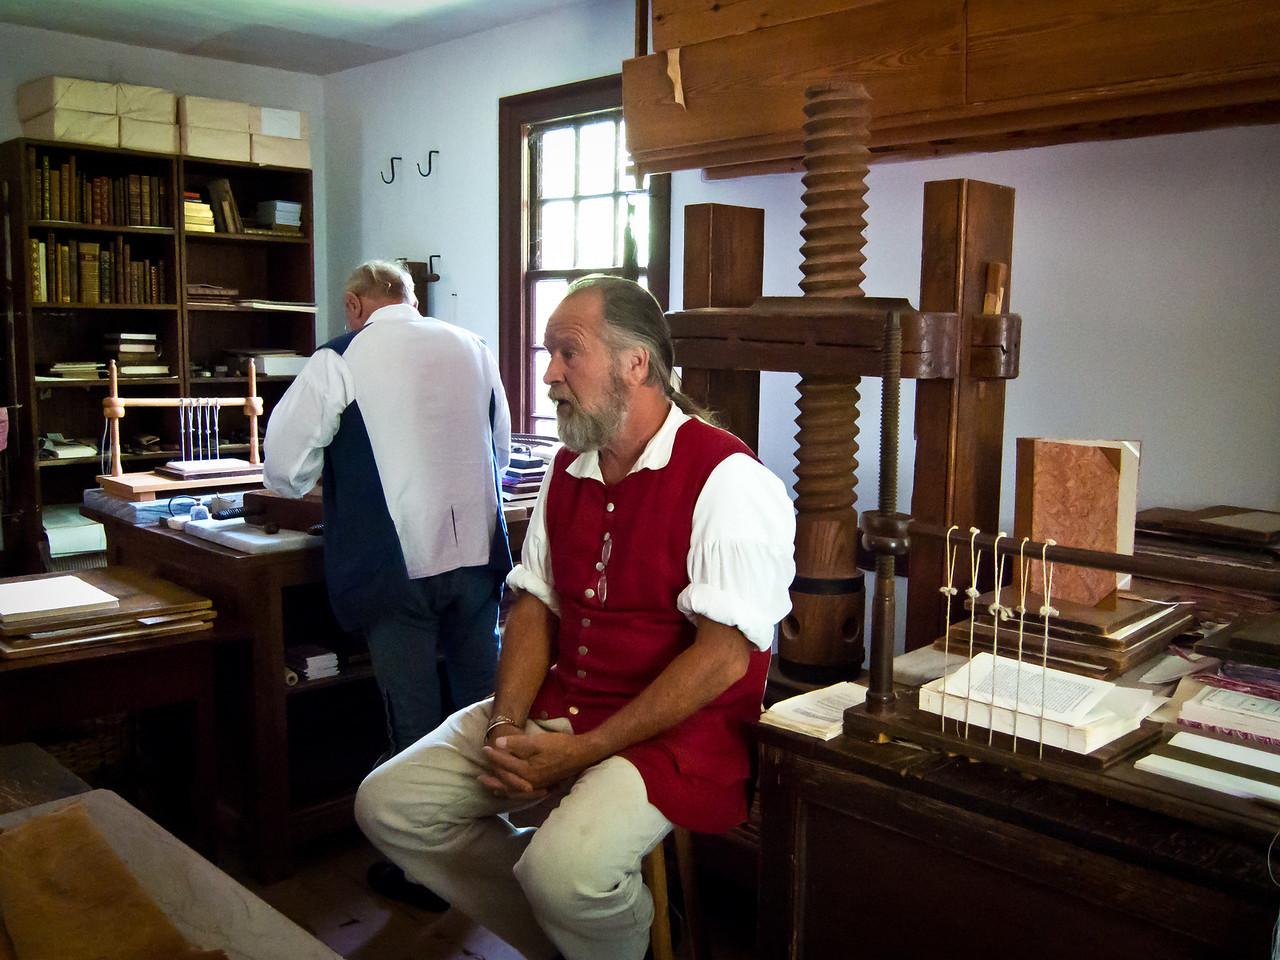 Book Binder at Colonial Williamsburg